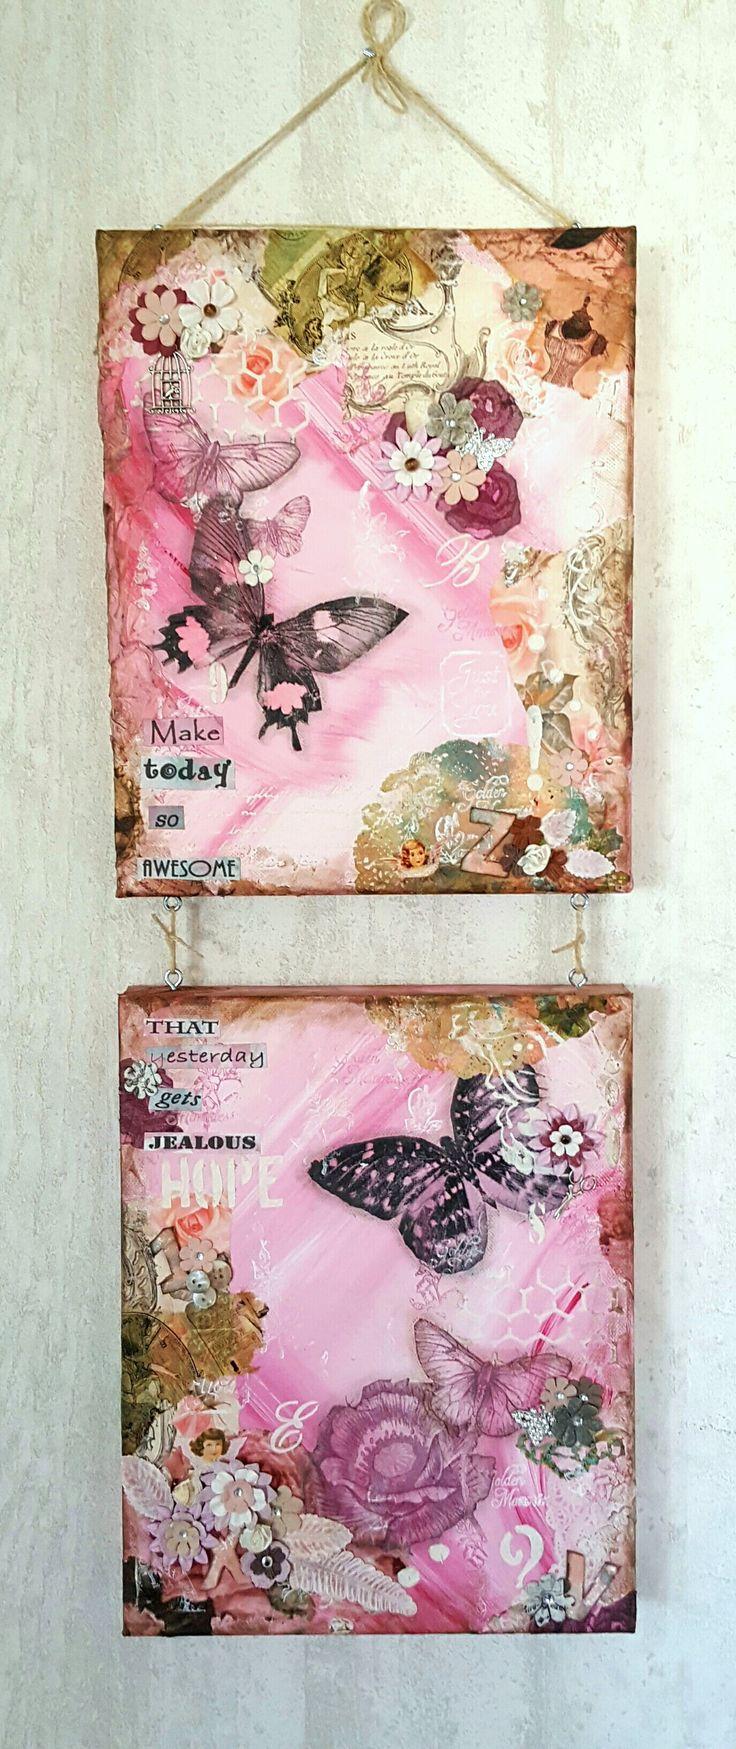 Mixed media att - pink butterflies